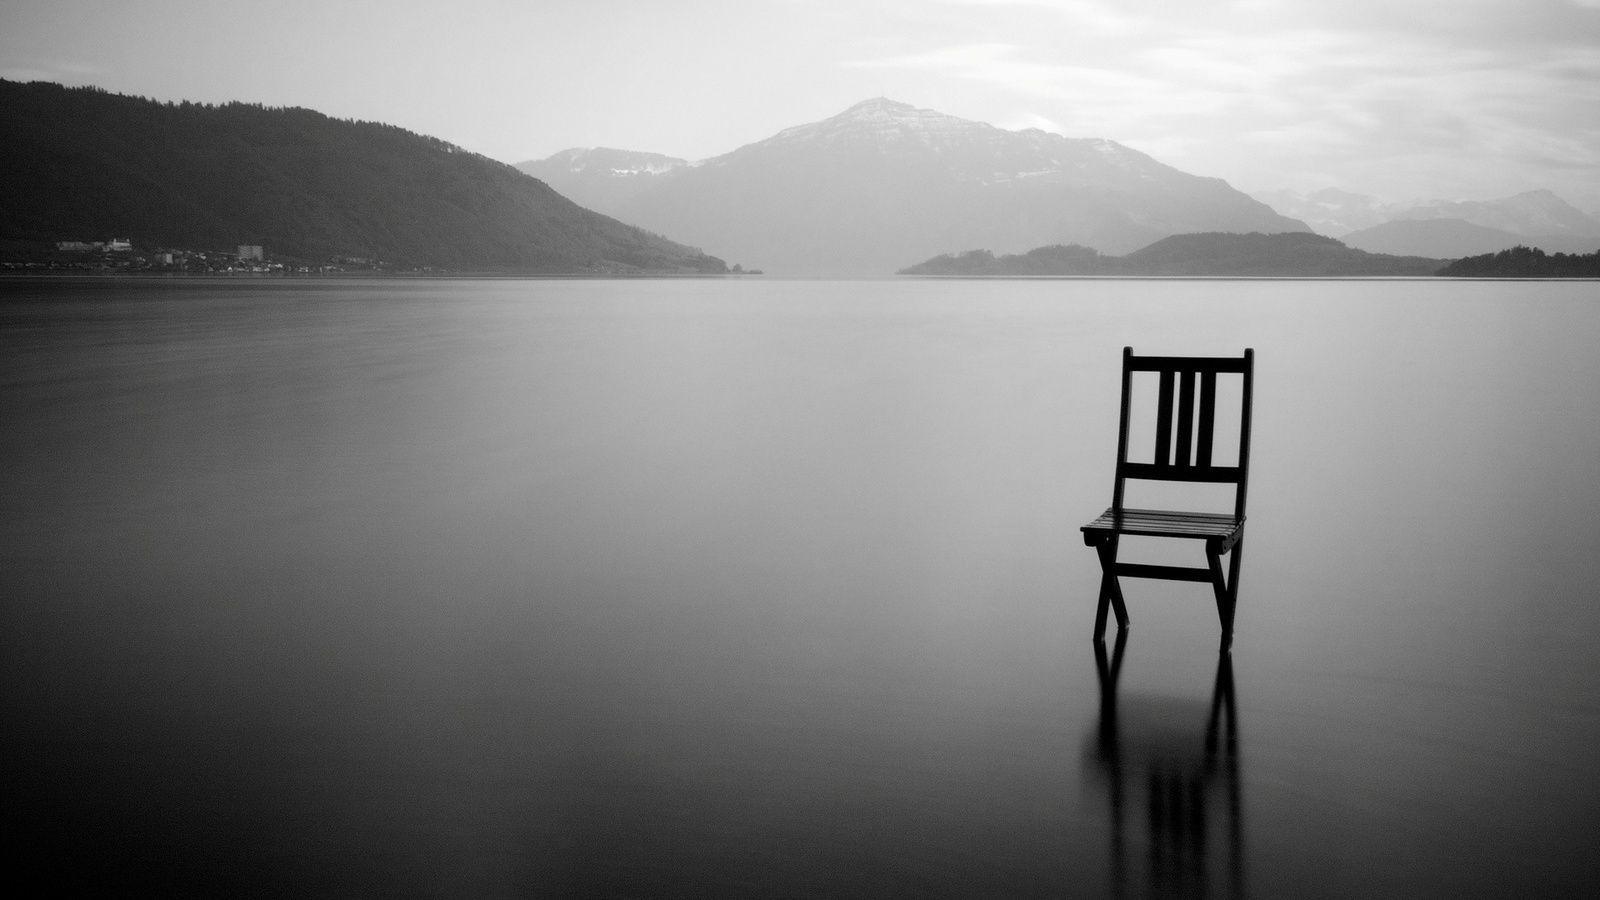 Jusqu'où nous voler le silence ?